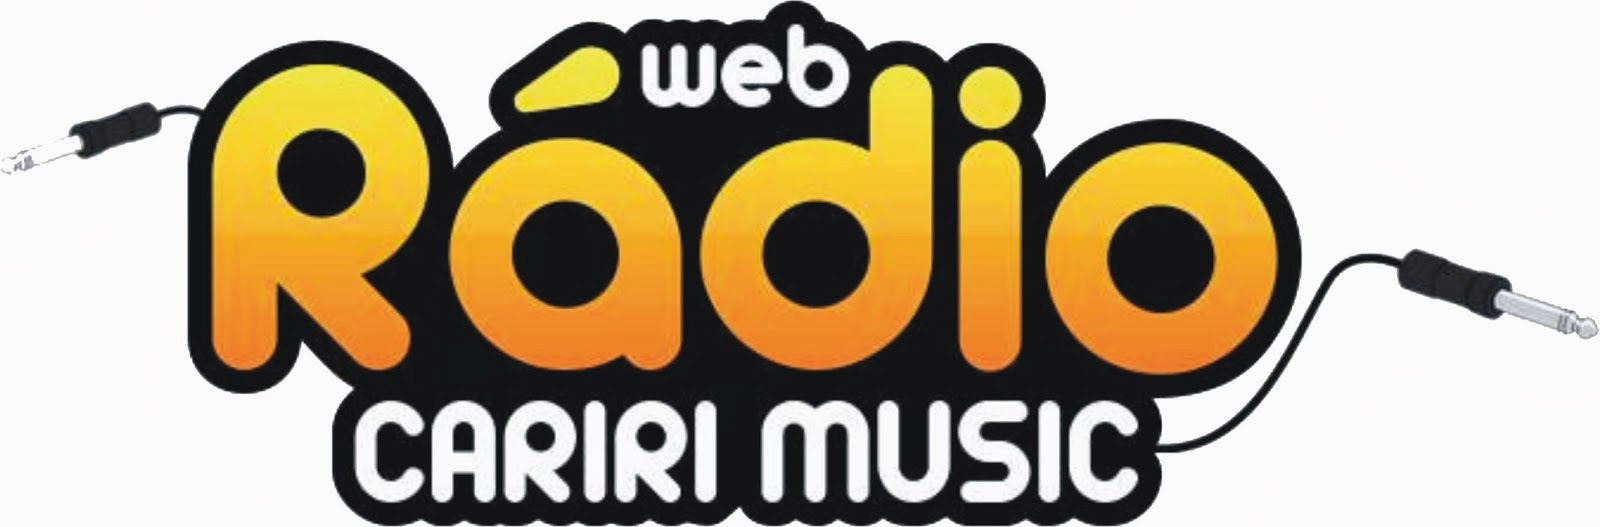 Cariri Music